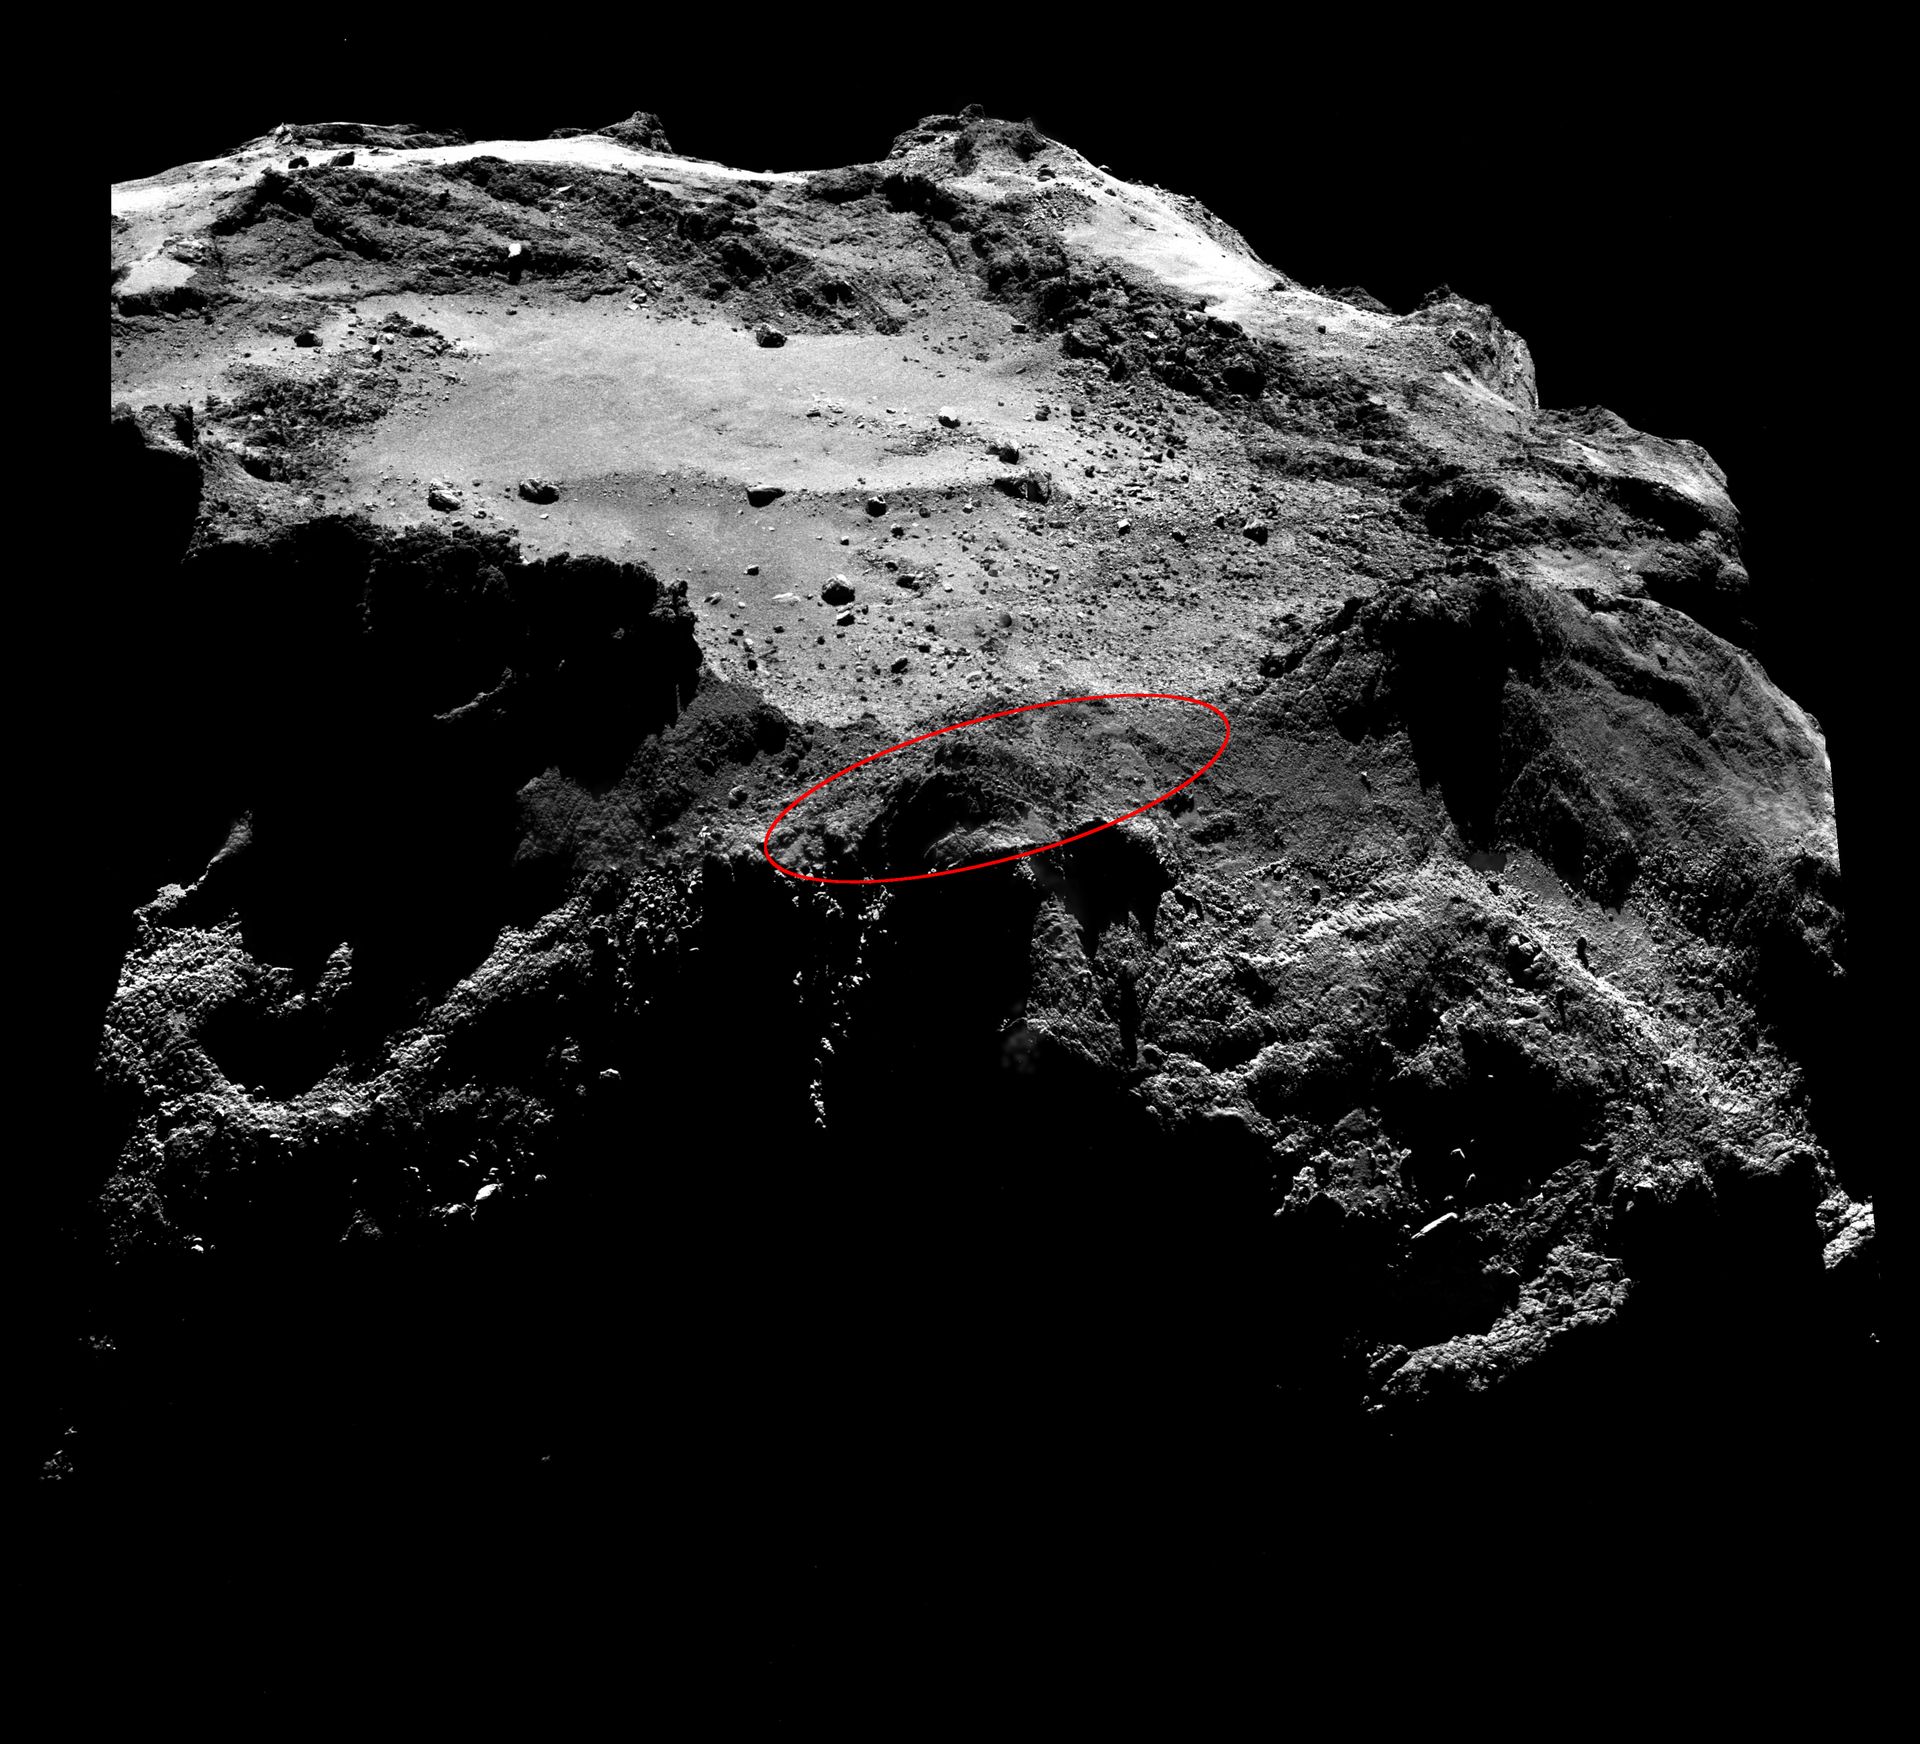 ЕКА опубликовало новые фотографии посадки «Филы», которые могут помочь найти аппарат - 2